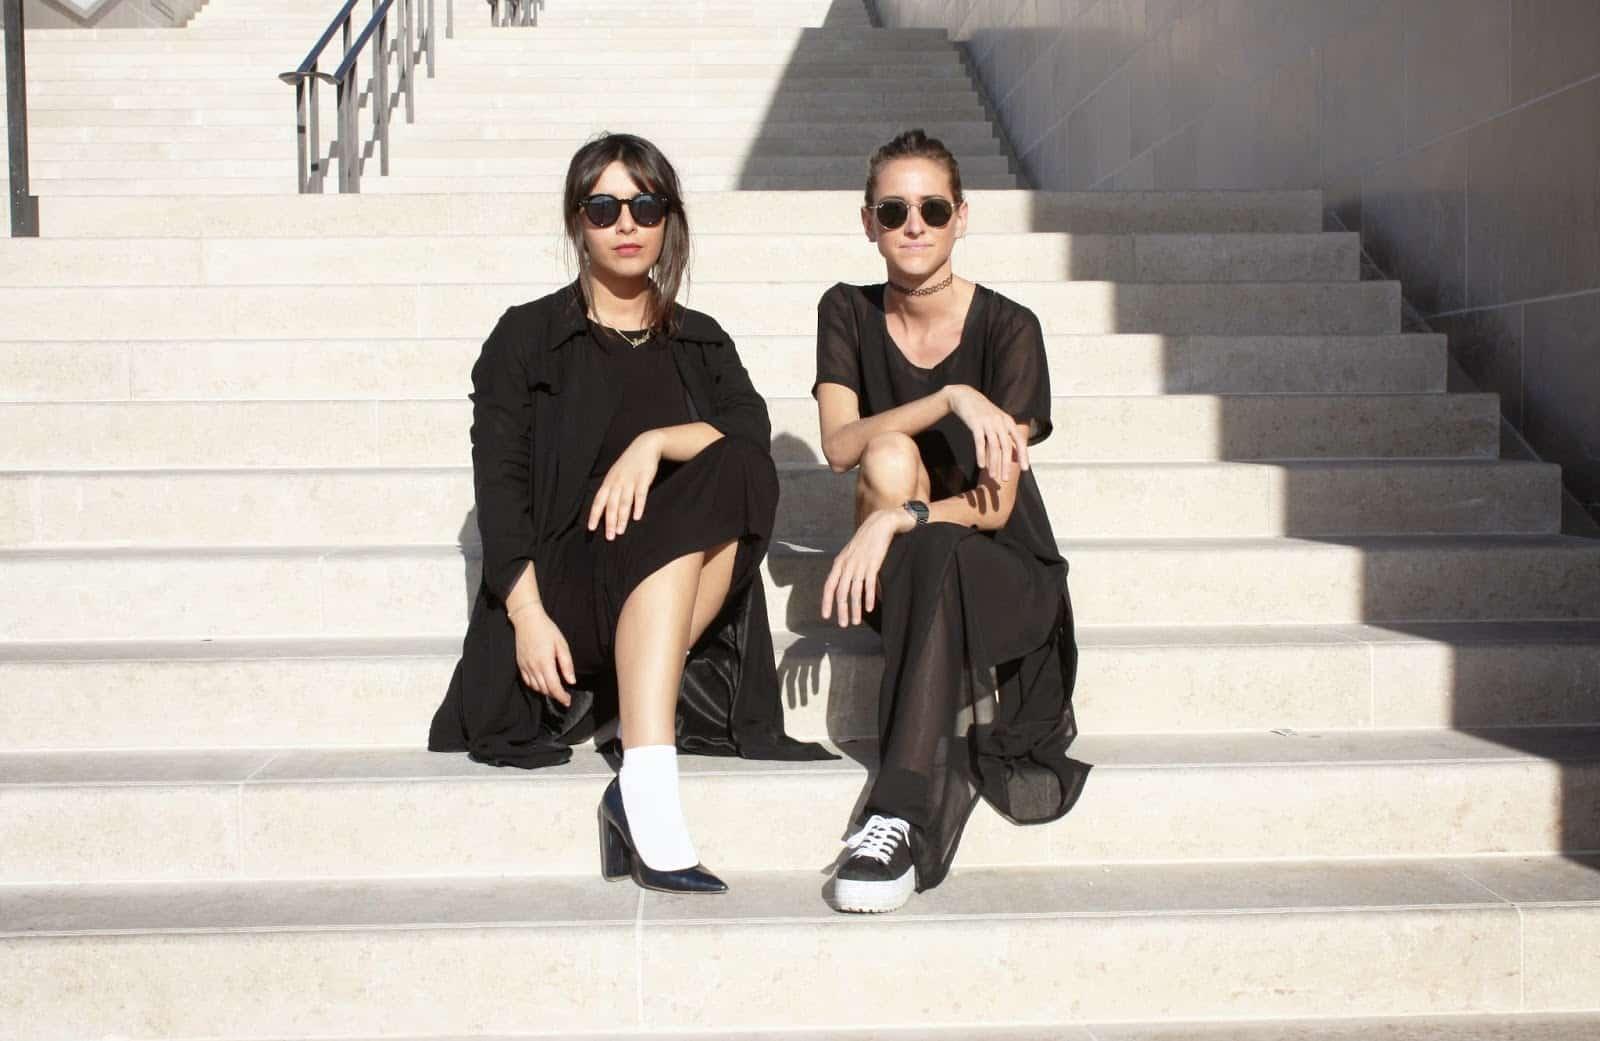 Sportswear, [Chronique de mode] La mode à l'heure du sportswear, Made in Marseille, Made in Marseille